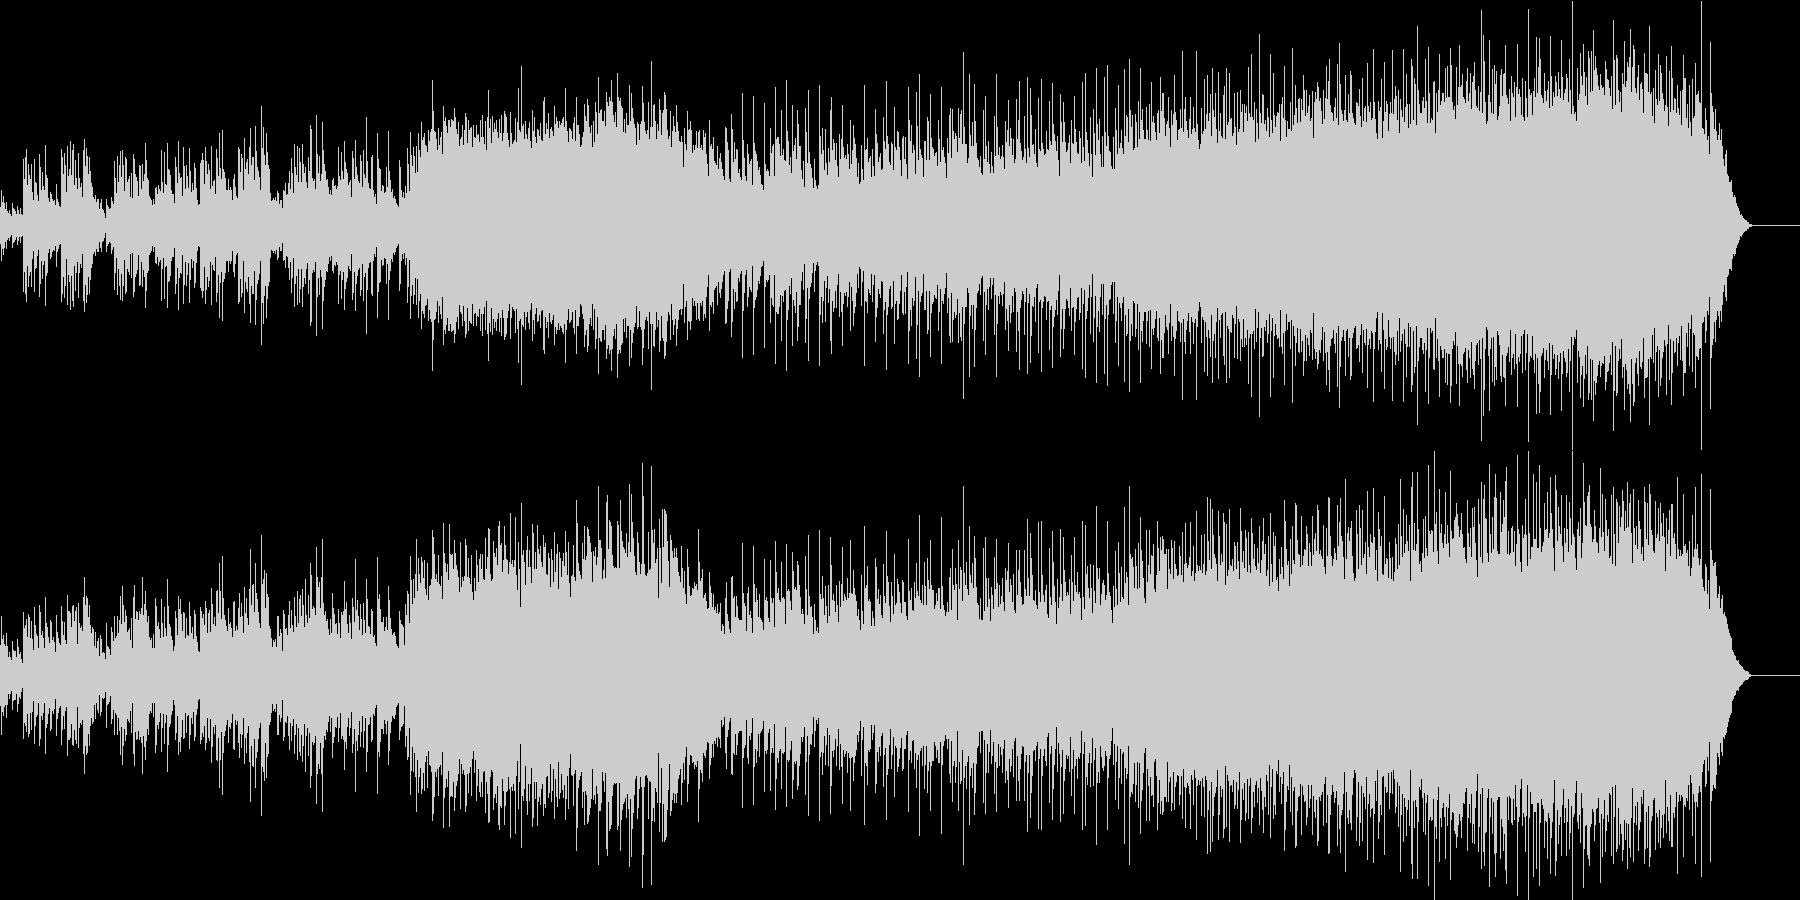 安らかなエンディング向けバラードの未再生の波形